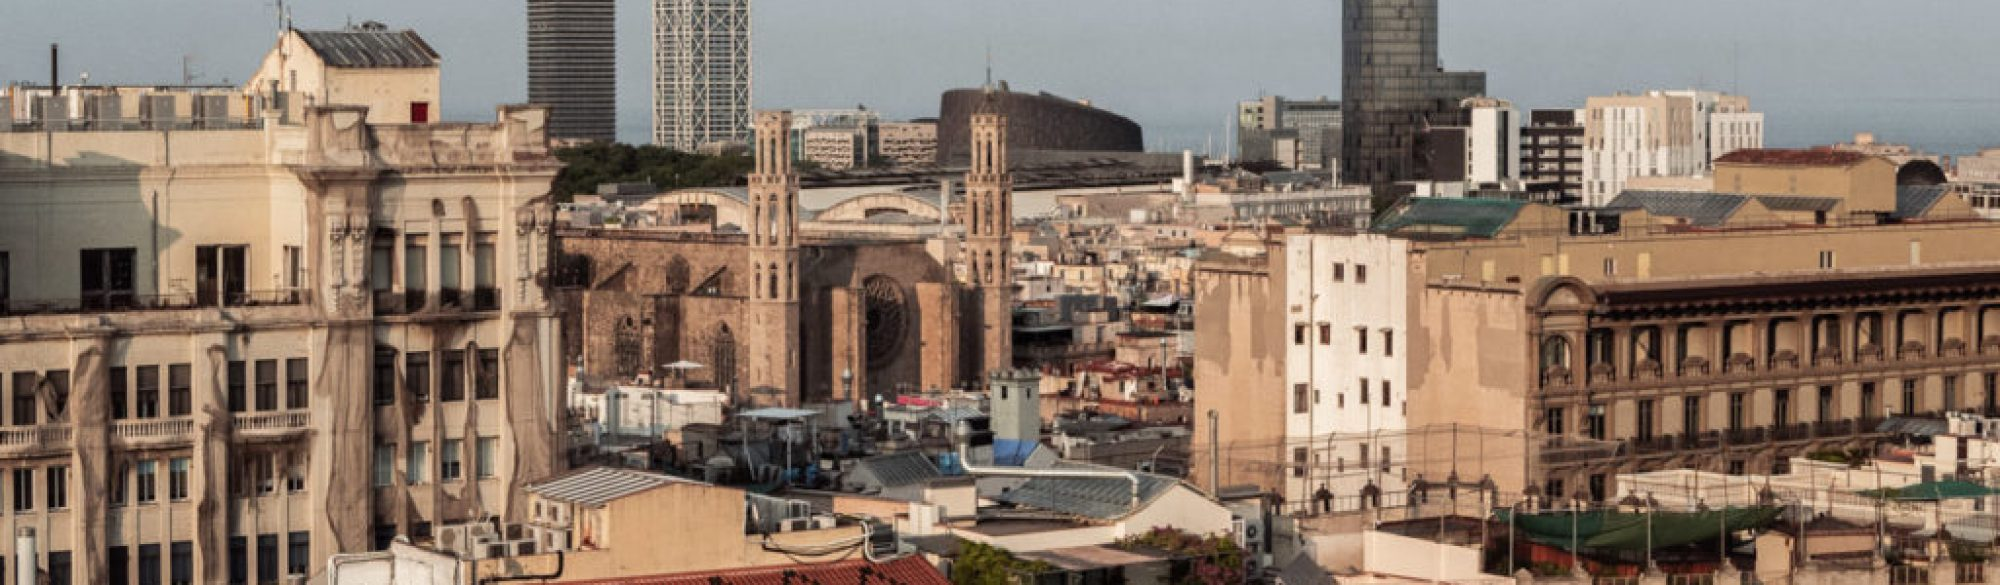 Guide pour trouver un hébergement à Barcelone